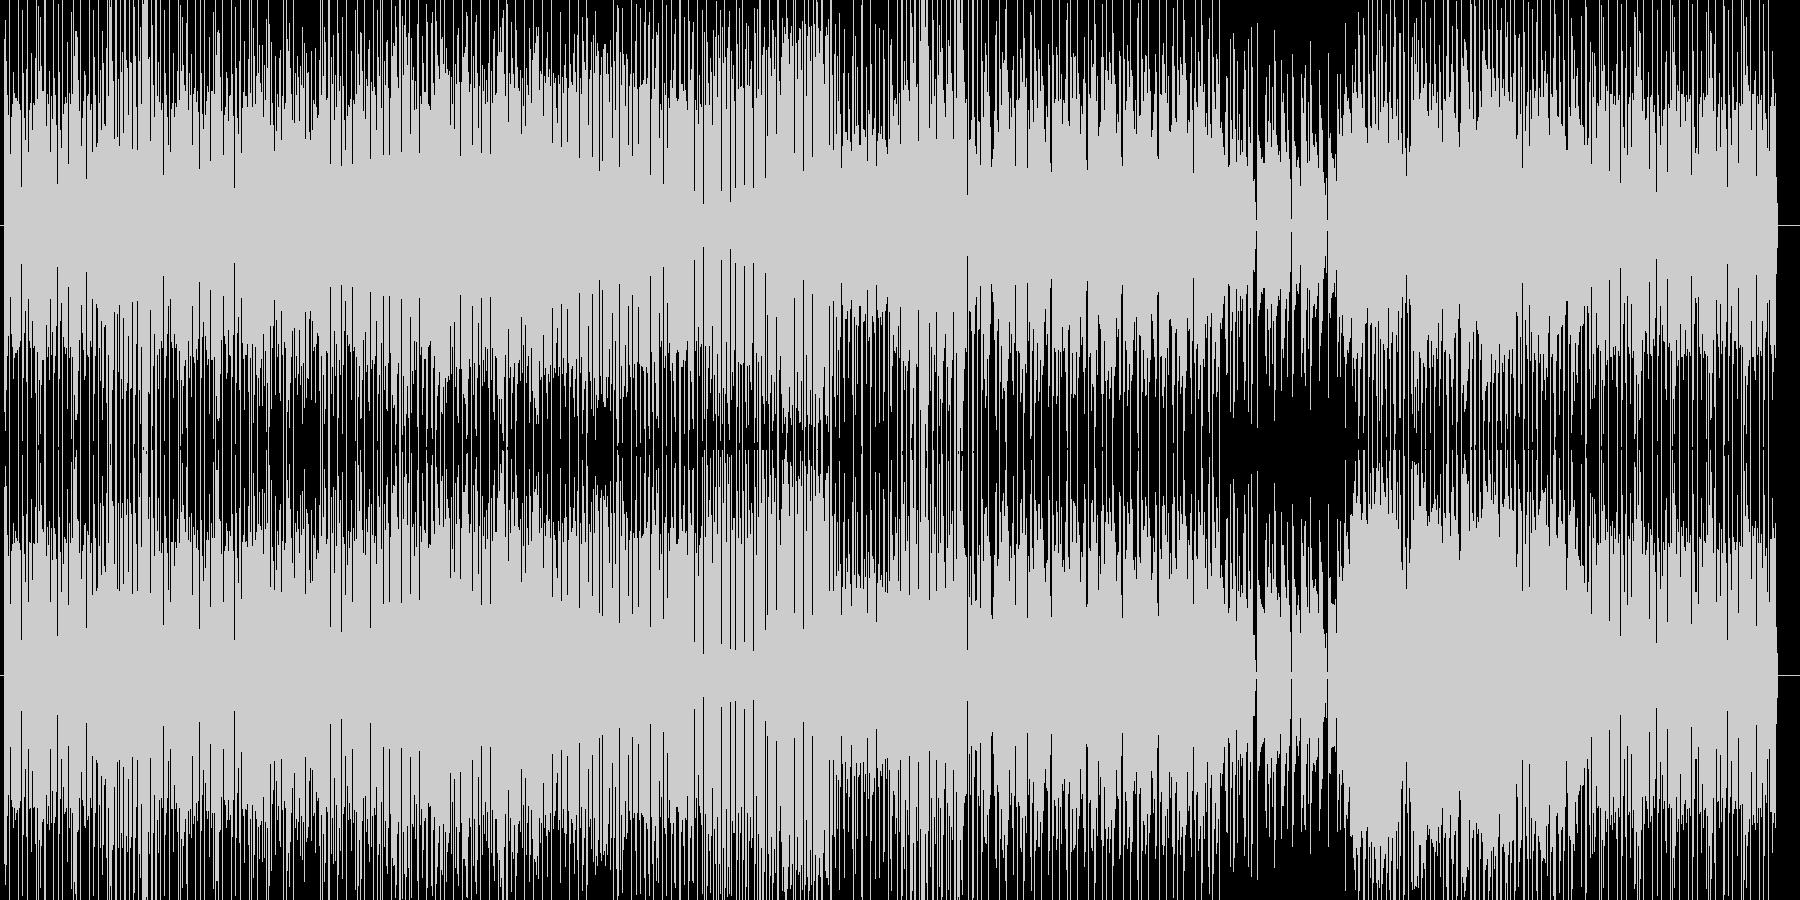 リズム感の良いダンス曲です。の未再生の波形